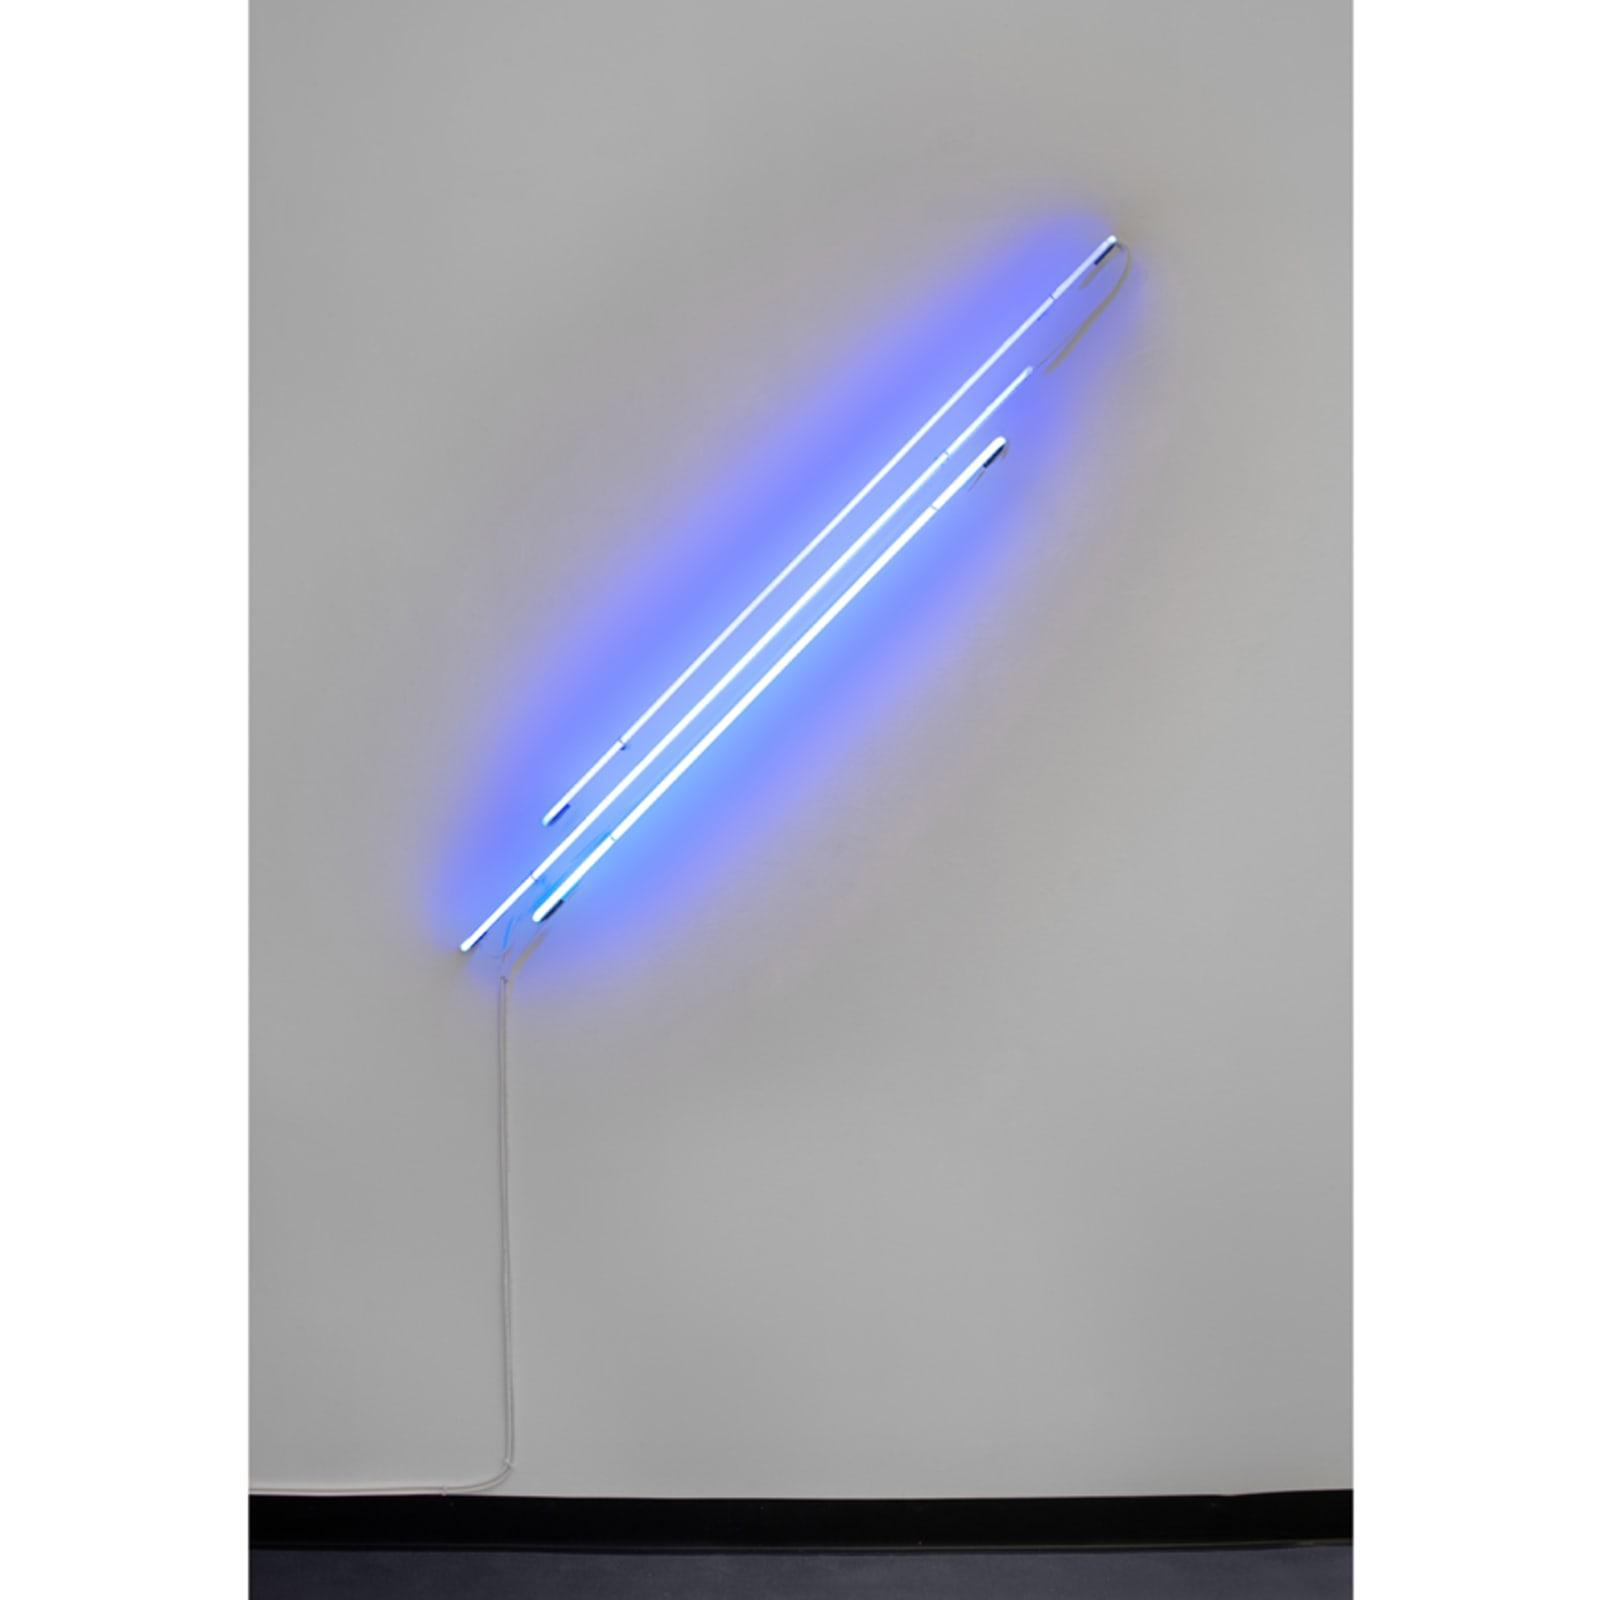 Anne Katrine Senstad  Ascension/Descension Graph # 01 (Blue), 2020  Neon, transformer, wires, fasteners  51 x 48 x 2 1/2 in  129.5 x 121.9 x 6.3 cm  Edition of 6